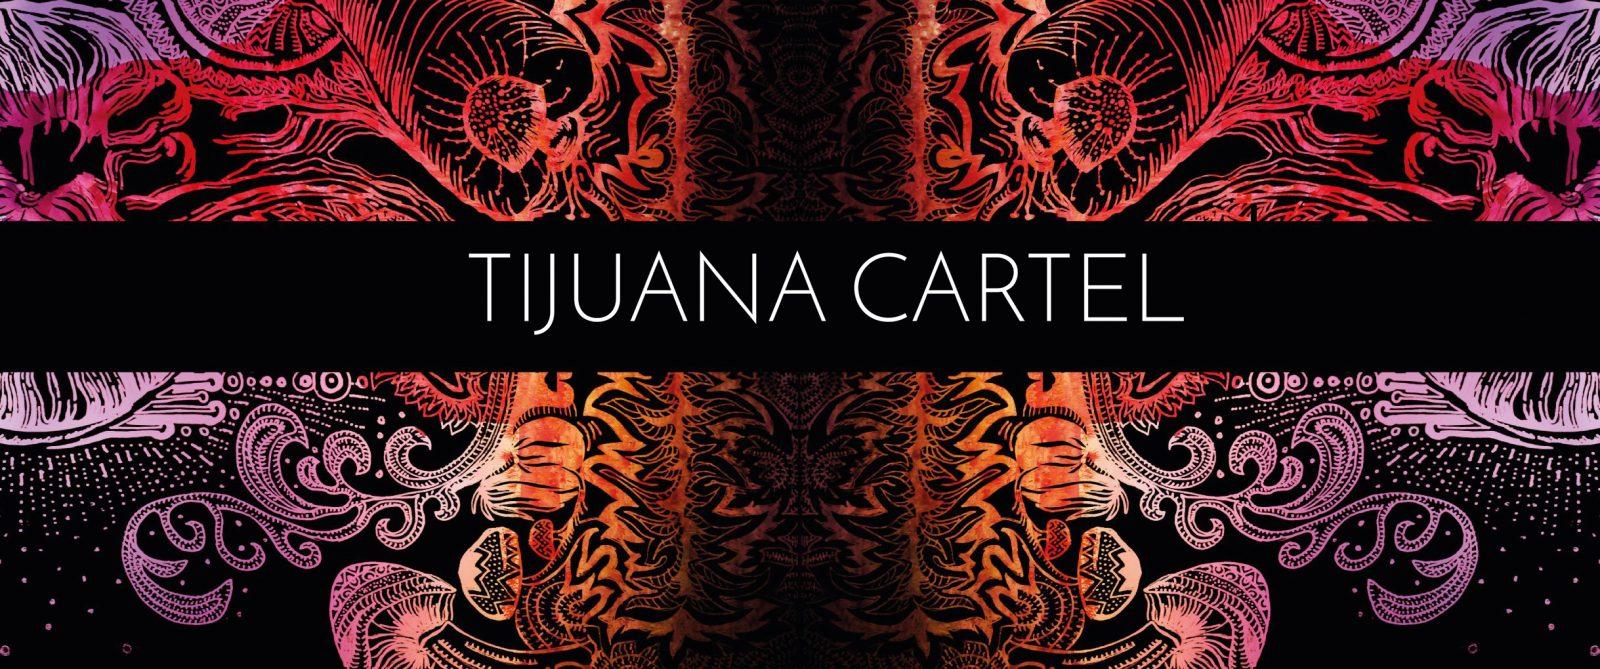 Tijuana Cartel music